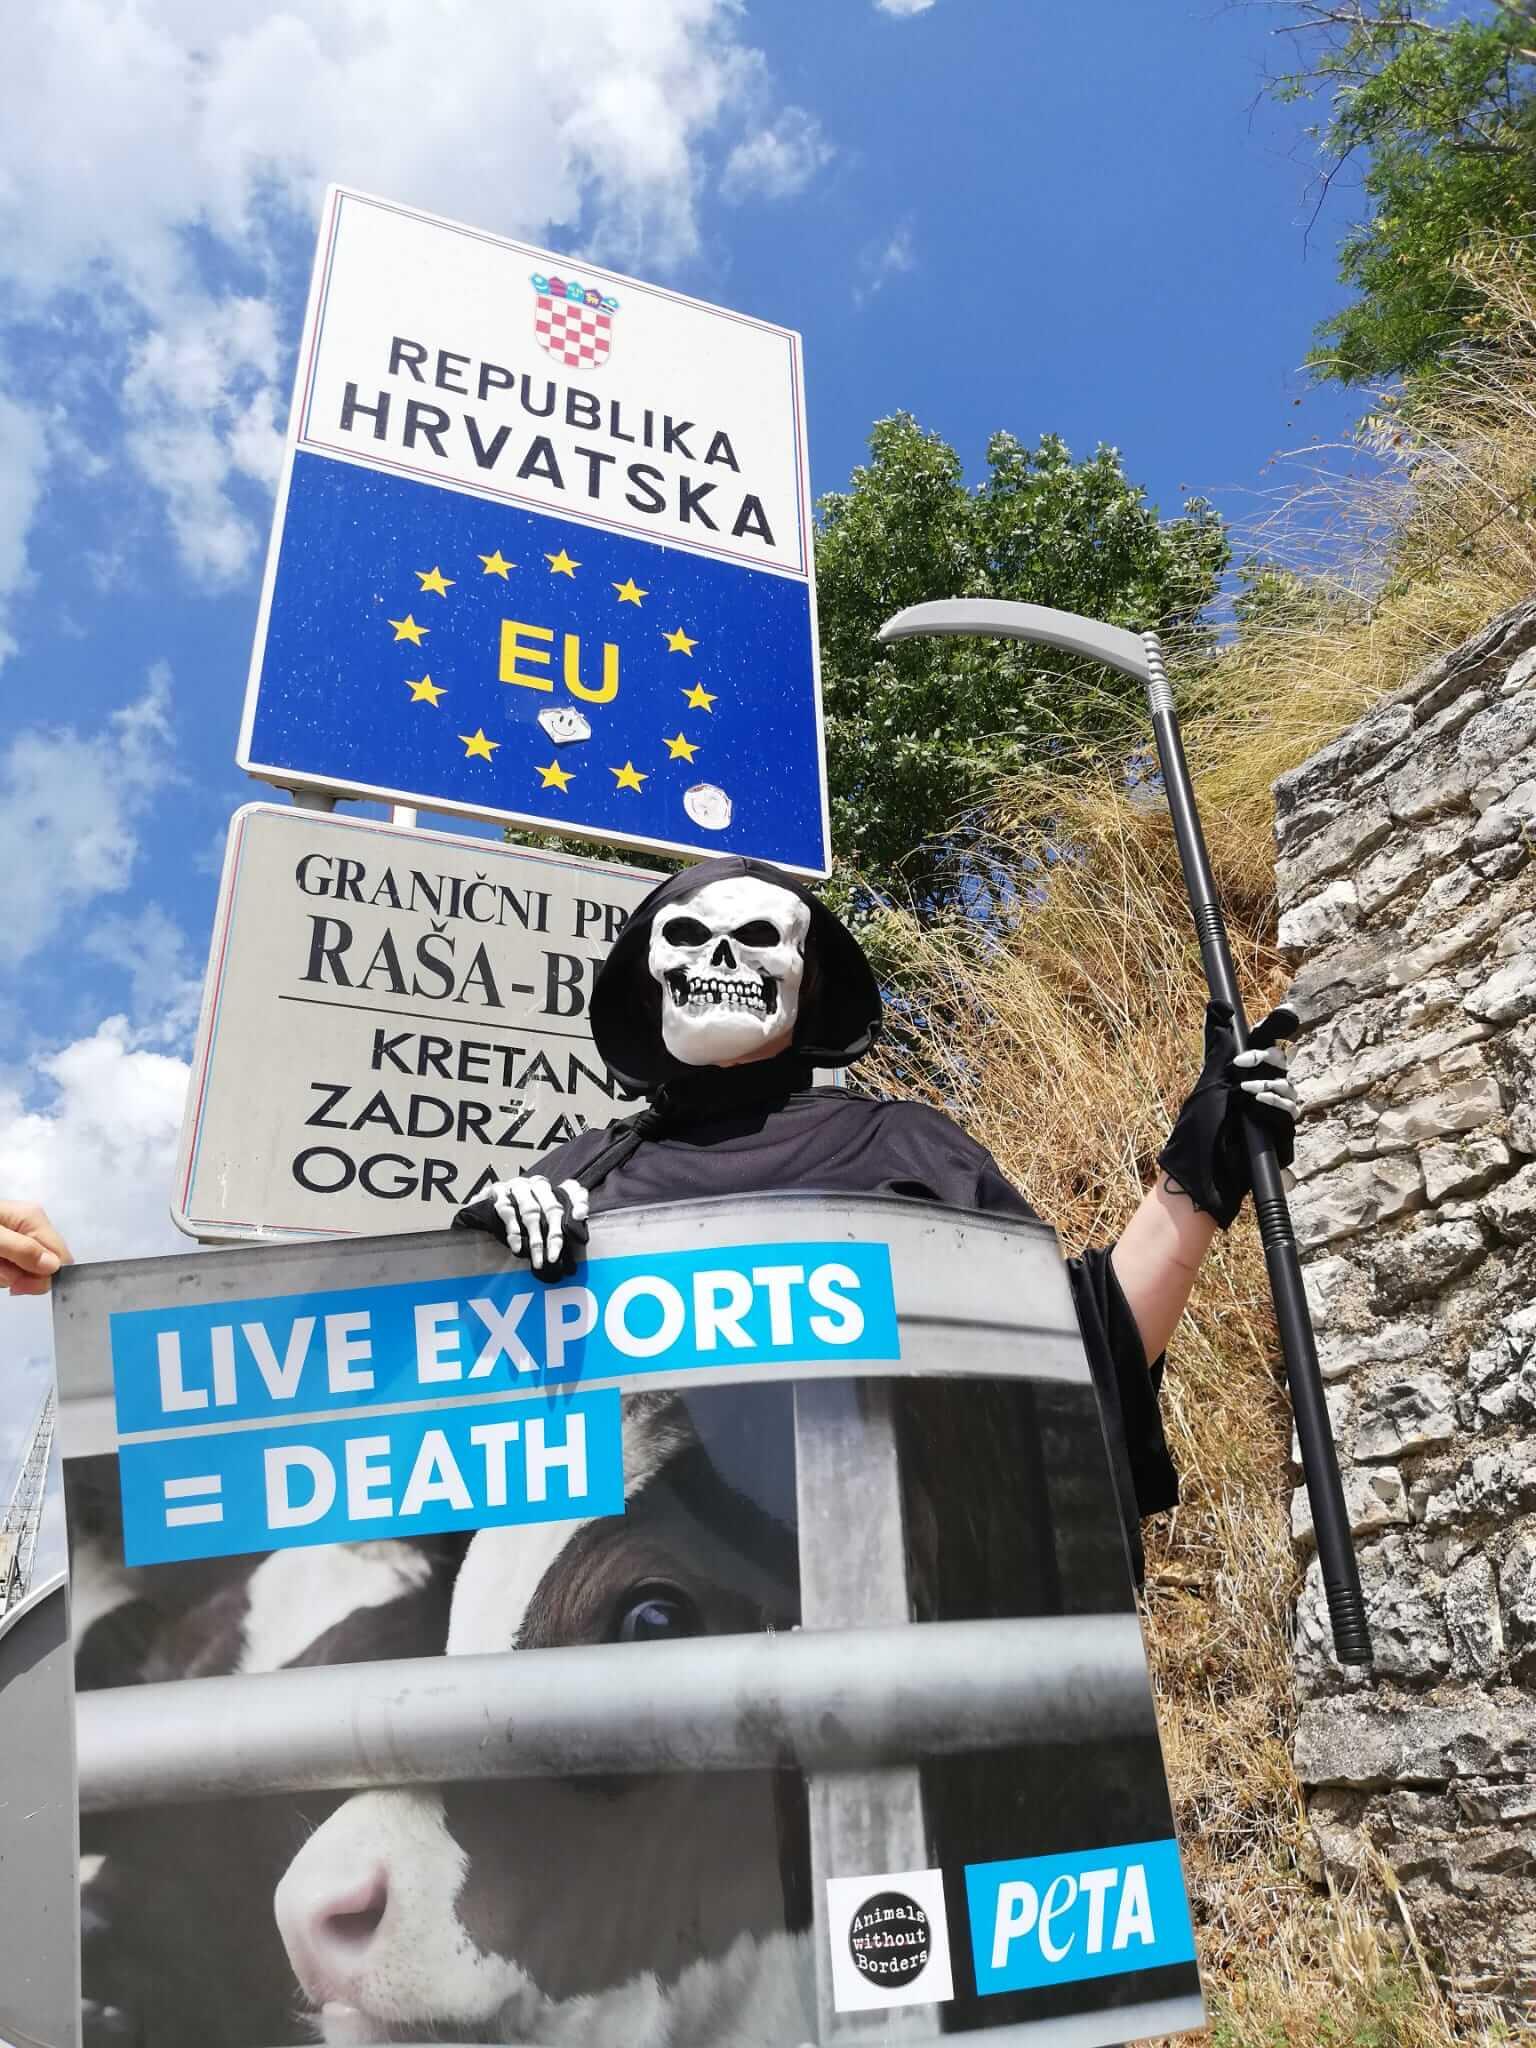 Près de 40 manifestations de PETA Allemagne dans toute l'Europe pour demander la fin du transport d'animaux vivants